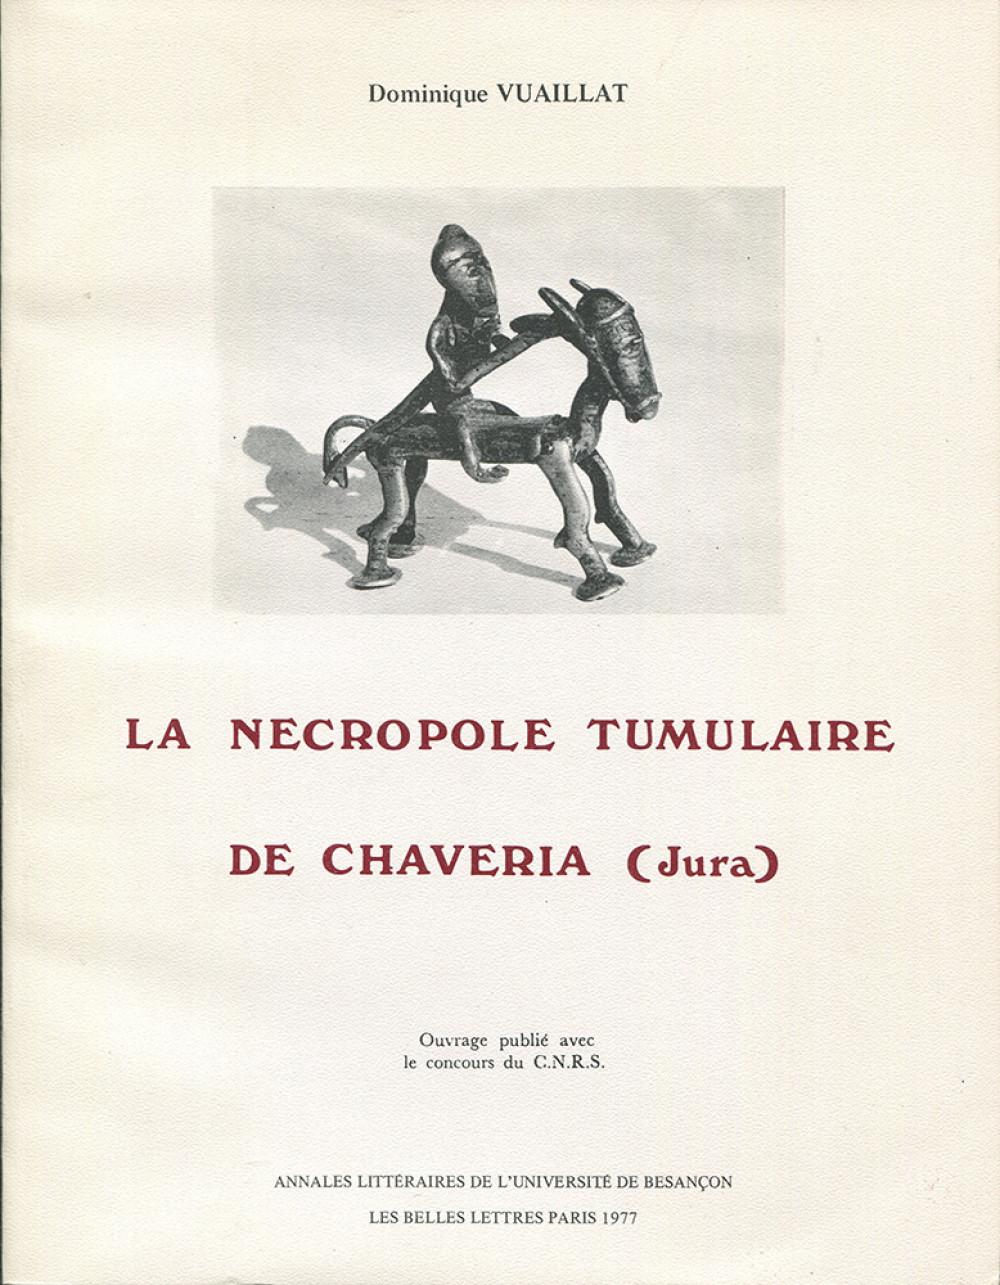 La nécropole tumulaire de Chaveria (Jura)